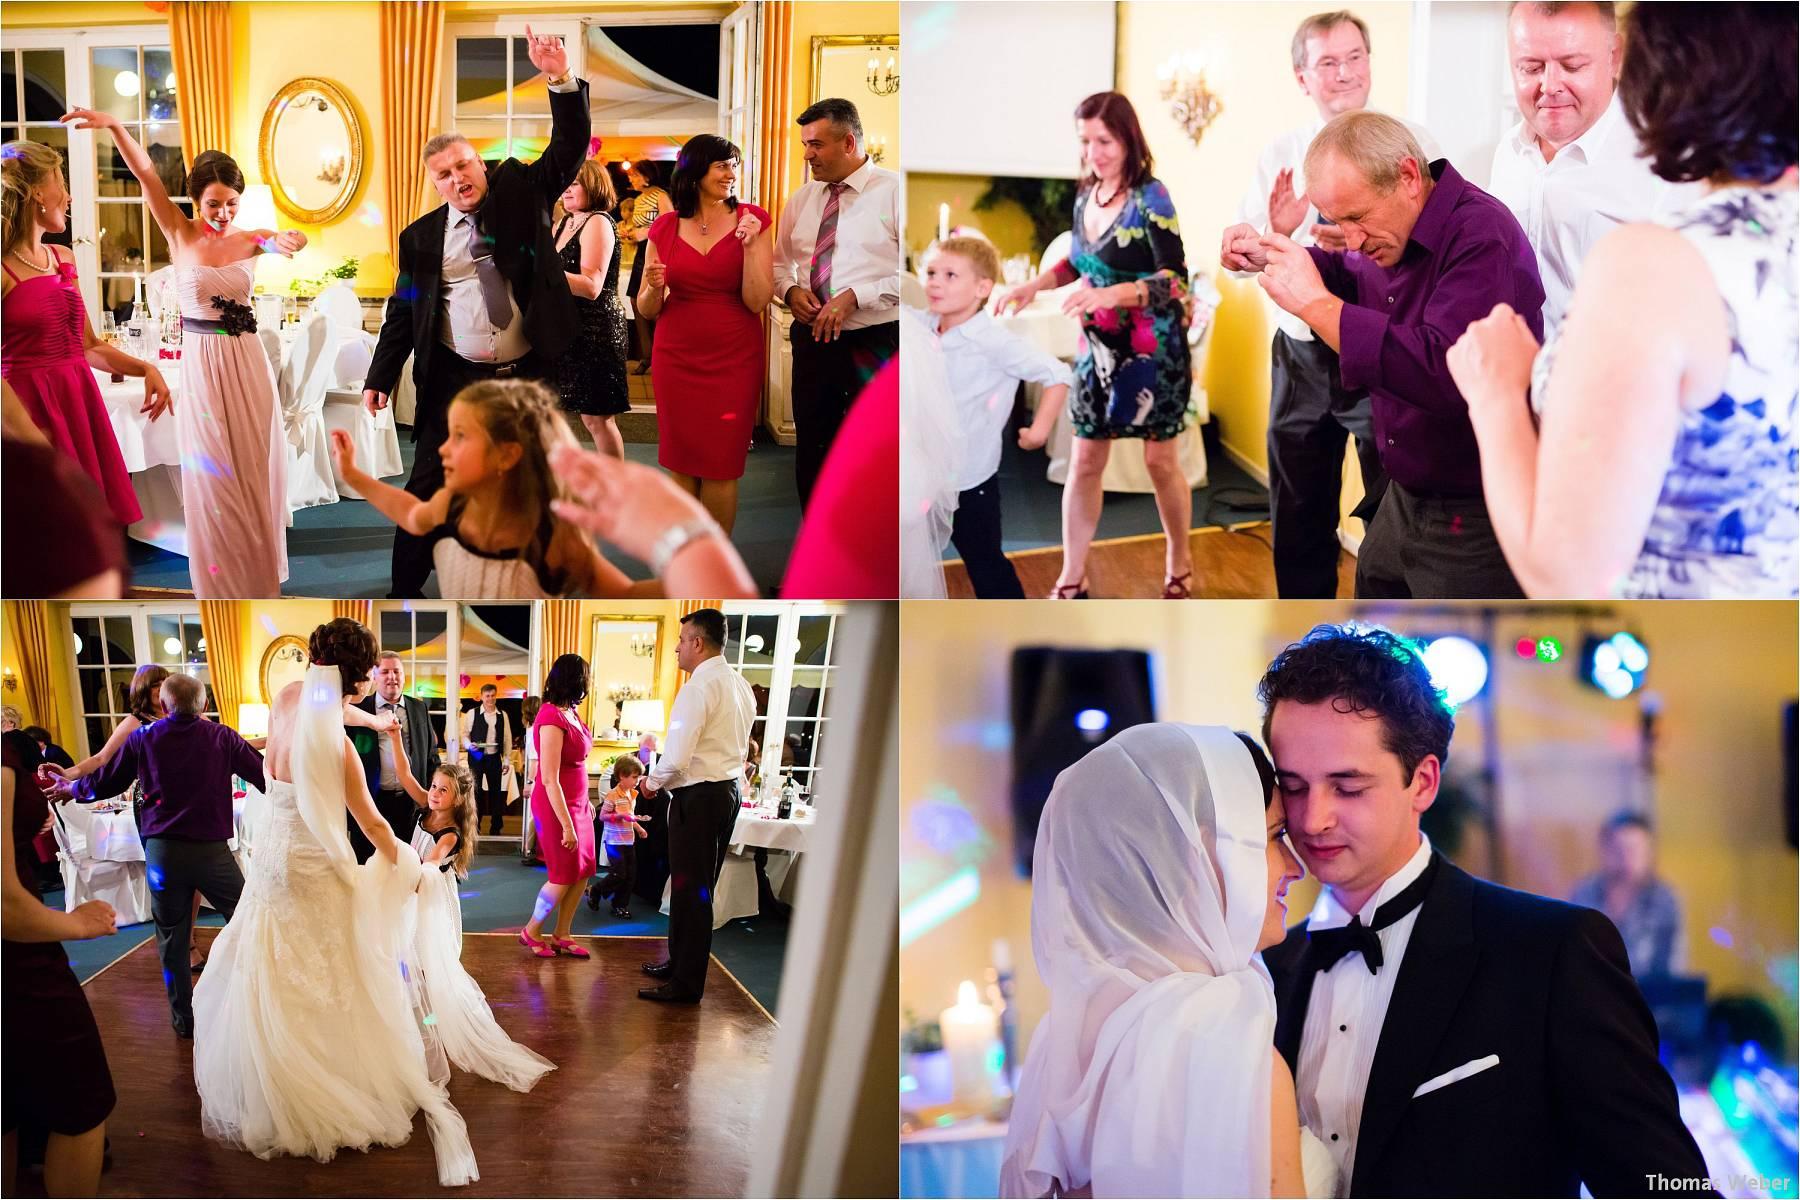 Hochzeitsfotograf Oldenburg: Russische Hochzeit im Standesamt am Pferdemarkt und Hochzeitsfeier im Landhaus Etzhorn (30)